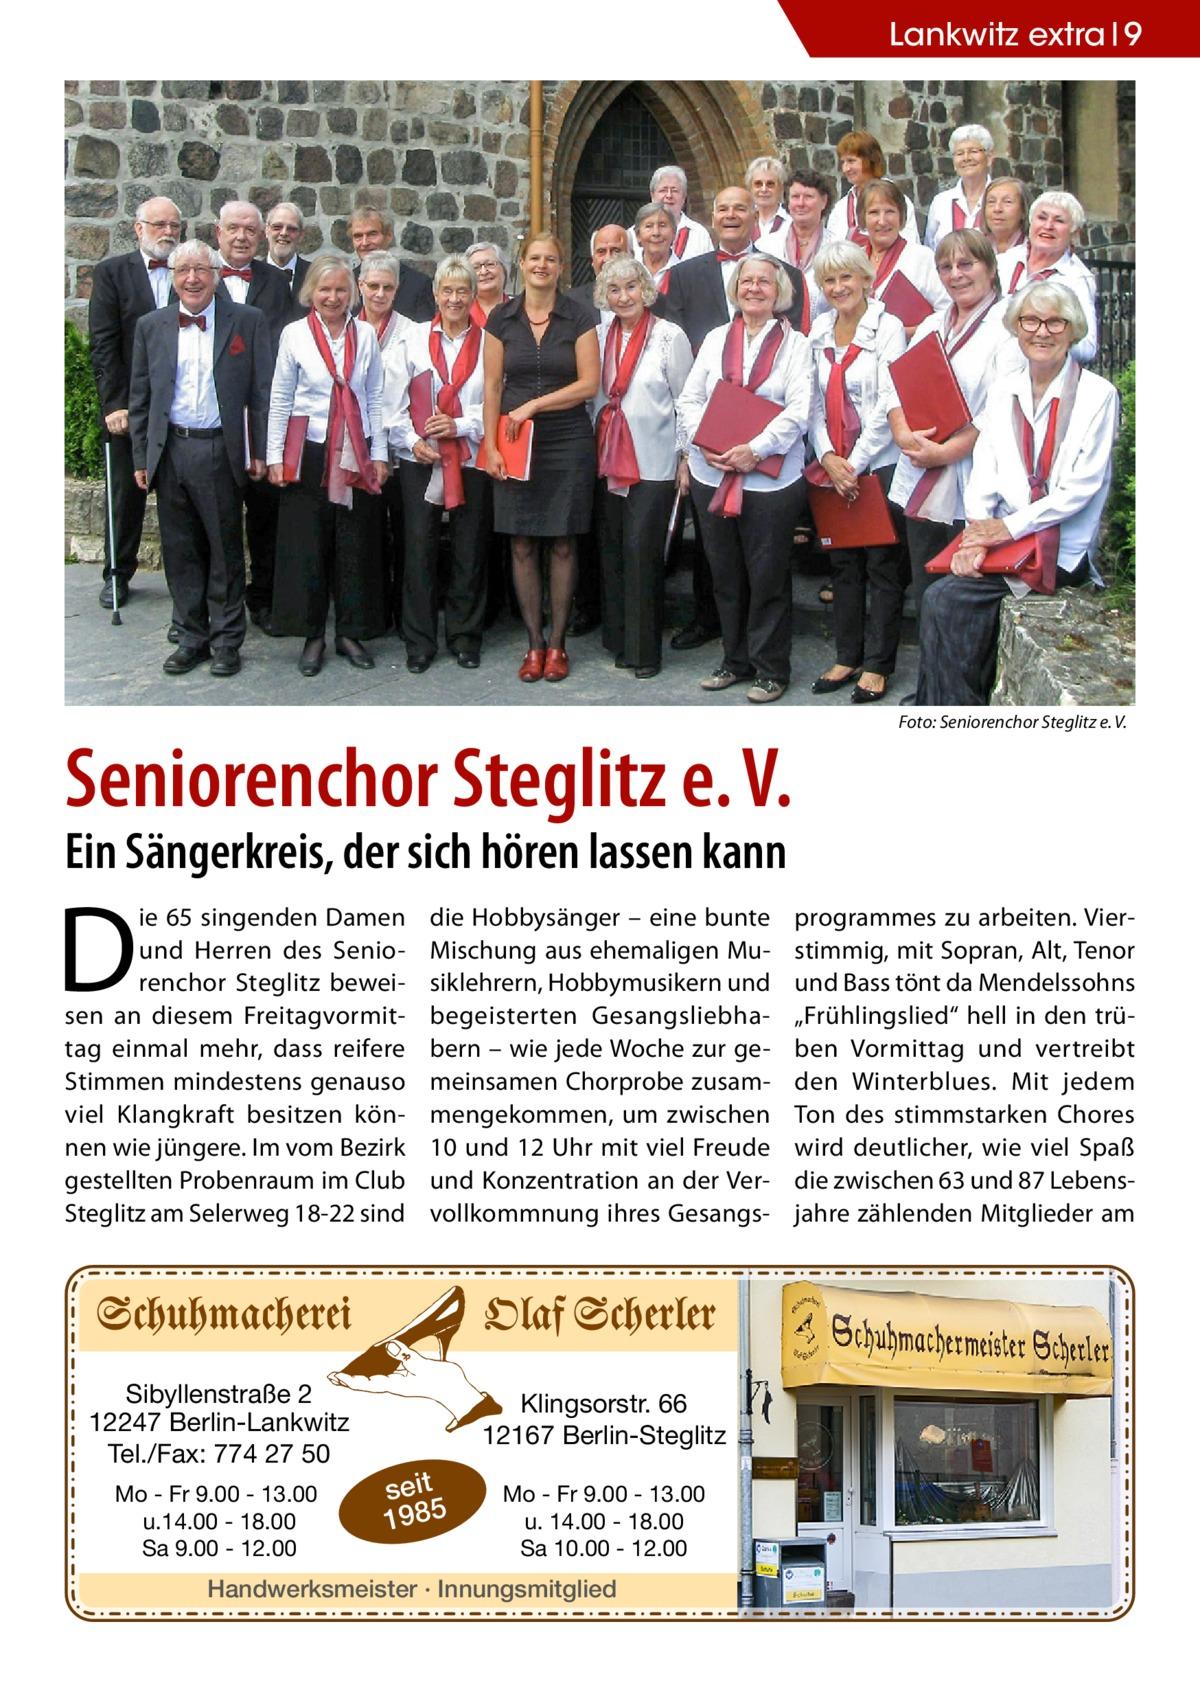 """Lankwitz extra 9  Seniorenchor Steglitz e.V.  �  Foto: Seniorenchor Steglitz e.V.  Ein Sängerkreis, der sich hören lassen kann  D  ie 65 singenden Damen und Herren des Seniorenchor Steglitz beweisen an diesem Freitagvormittag einmal mehr, dass reifere Stimmen mindestens genauso viel Klangkraft besitzen können wie jüngere. Im vom Bezirk gestellten Probenraum im Club Steglitz am Selerweg18-22 sind  Sibyllenstraße 2 12247 Berlin-Lankwitz Tel./Fax: 774 27 50 Mo - Fr 9.00 - 13.00 u.14.00 - 18.00 Sa 9.00 - 12.00  die Hobbysänger – eine bunte Mischung aus ehemaligen Musiklehrern, Hobbymusikern und begeisterten Gesangsliebhabern – wie jede Woche zur gemeinsamen Chorprobe zusammengekommen, um zwischen 10 und 12Uhr mit viel Freude und Konzentration an der Vervollkommnung ihres Gesangs Klingsorstr. 66 12167 Berlin-Steglitz  seit 1985  Mo - Fr 9.00 - 13.00 u. 14.00 - 18.00 Sa 10.00 - 12.00  Handwerksmeister · Innungsmitglied  programmes zu arbeiten. Vierstimmig, mit Sopran, Alt, Tenor und Bass tönt da Mendelssohns """"Frühlingslied"""" hell in den trüben Vormittag und vertreibt den Winterblues. Mit jedem Ton des stimmstarken Chores wird deutlicher, wie viel Spaß die zwischen 63 und 87 Lebensjahre zählenden Mitglieder am"""